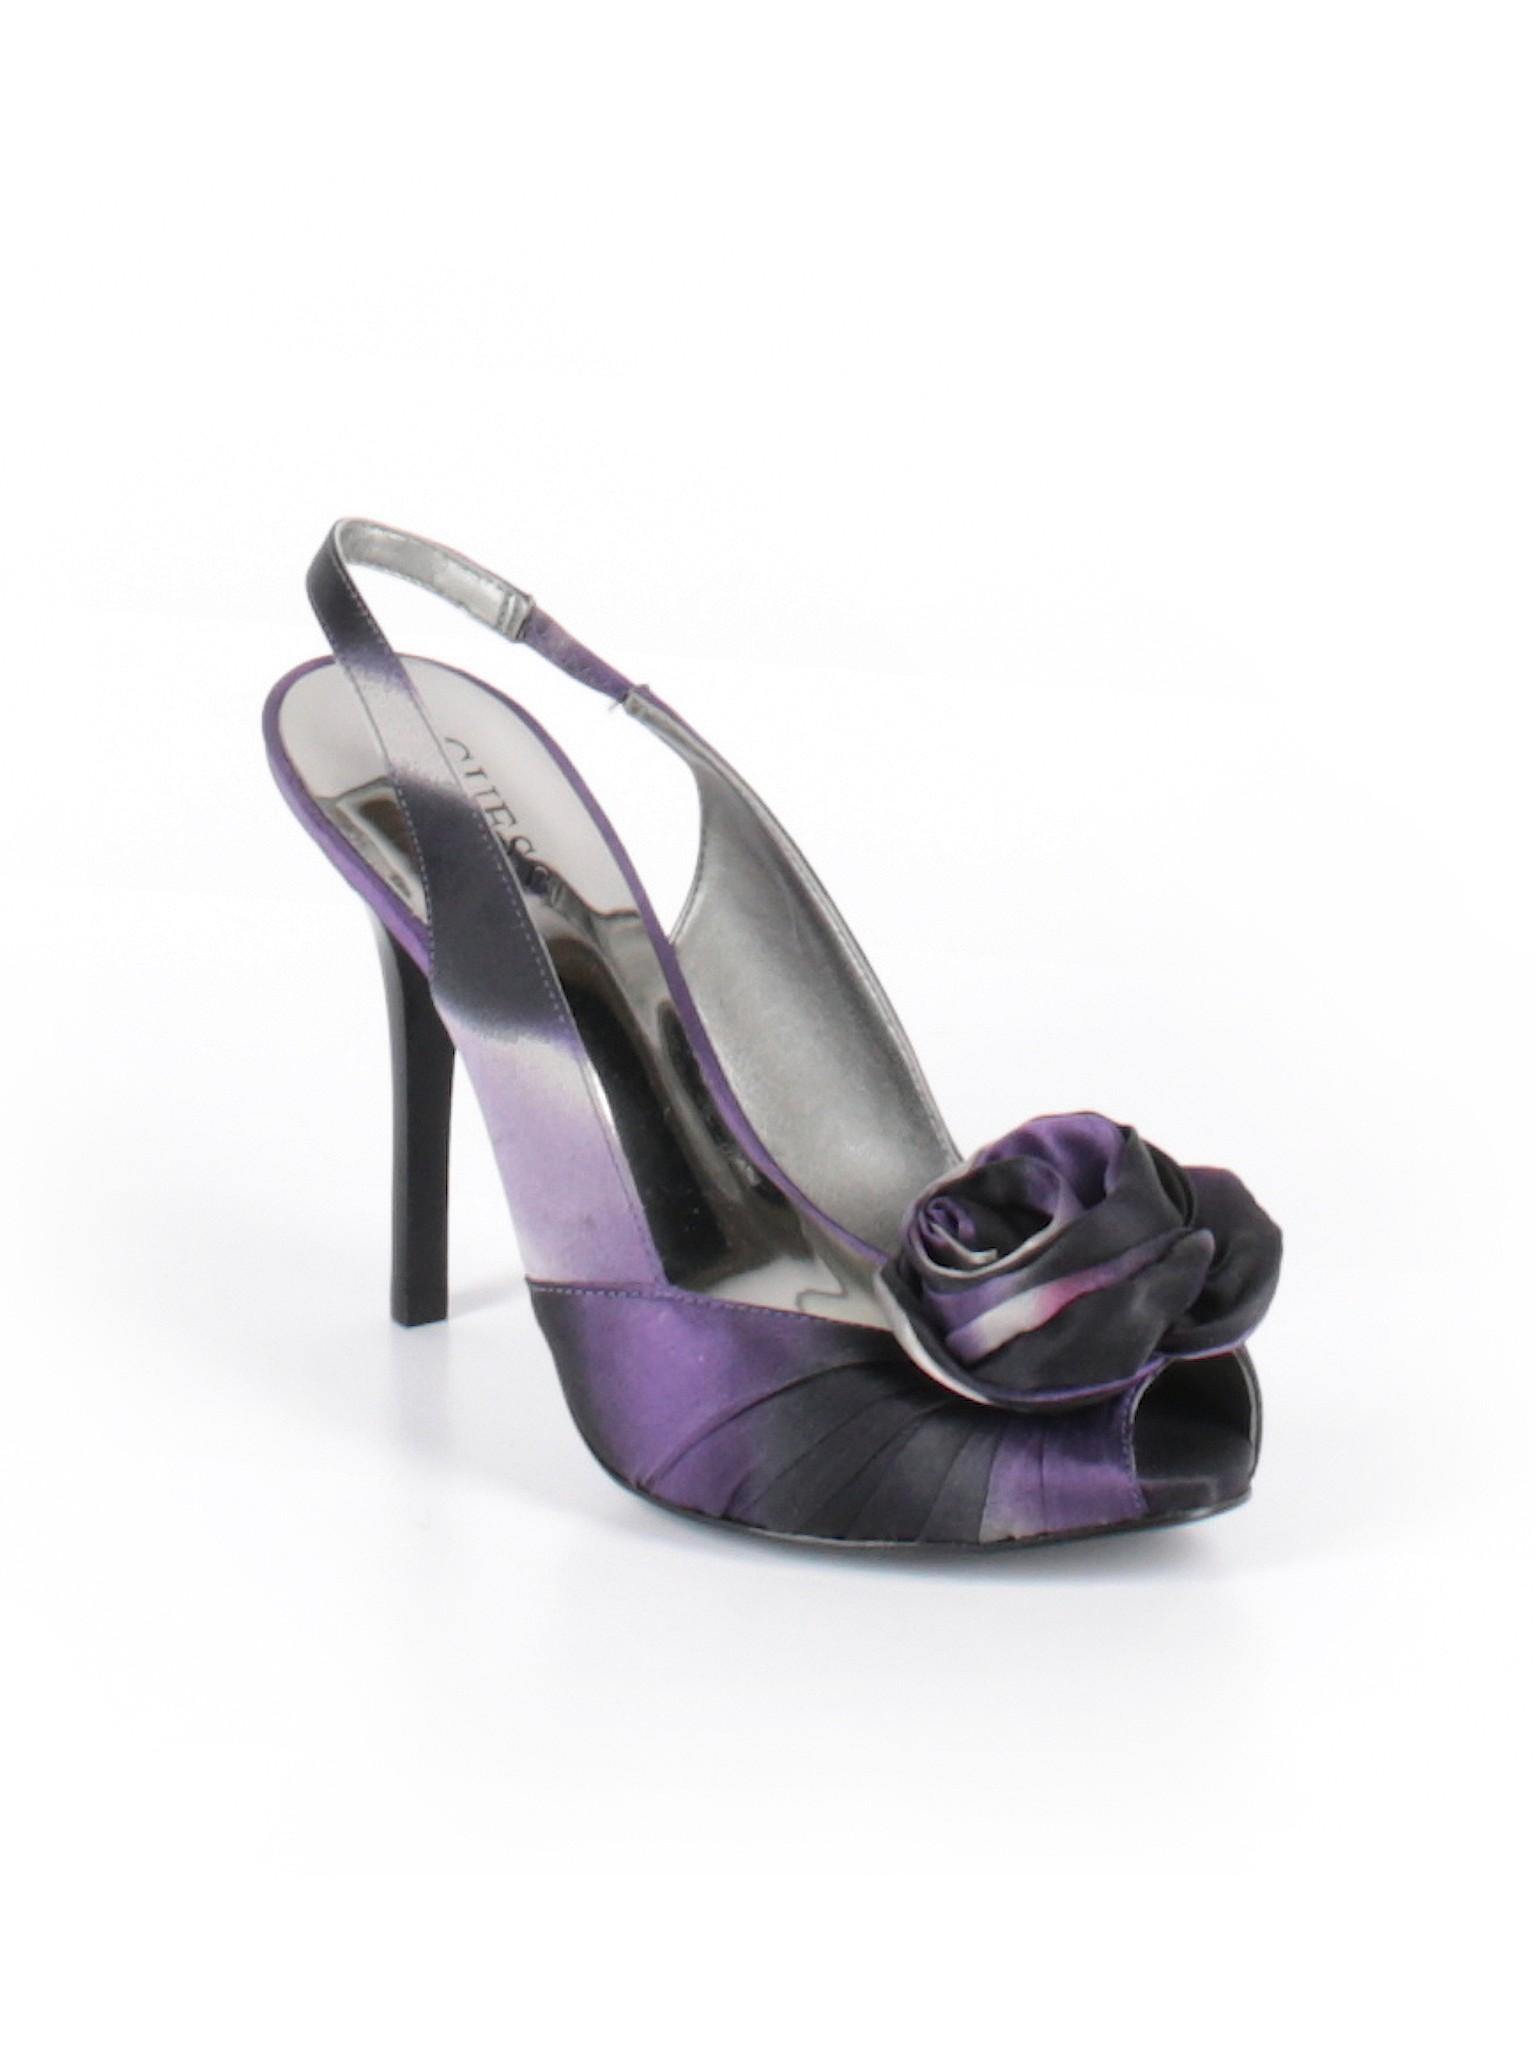 Boutique promotion Boutique promotion Guess Heels q0xFBPXw